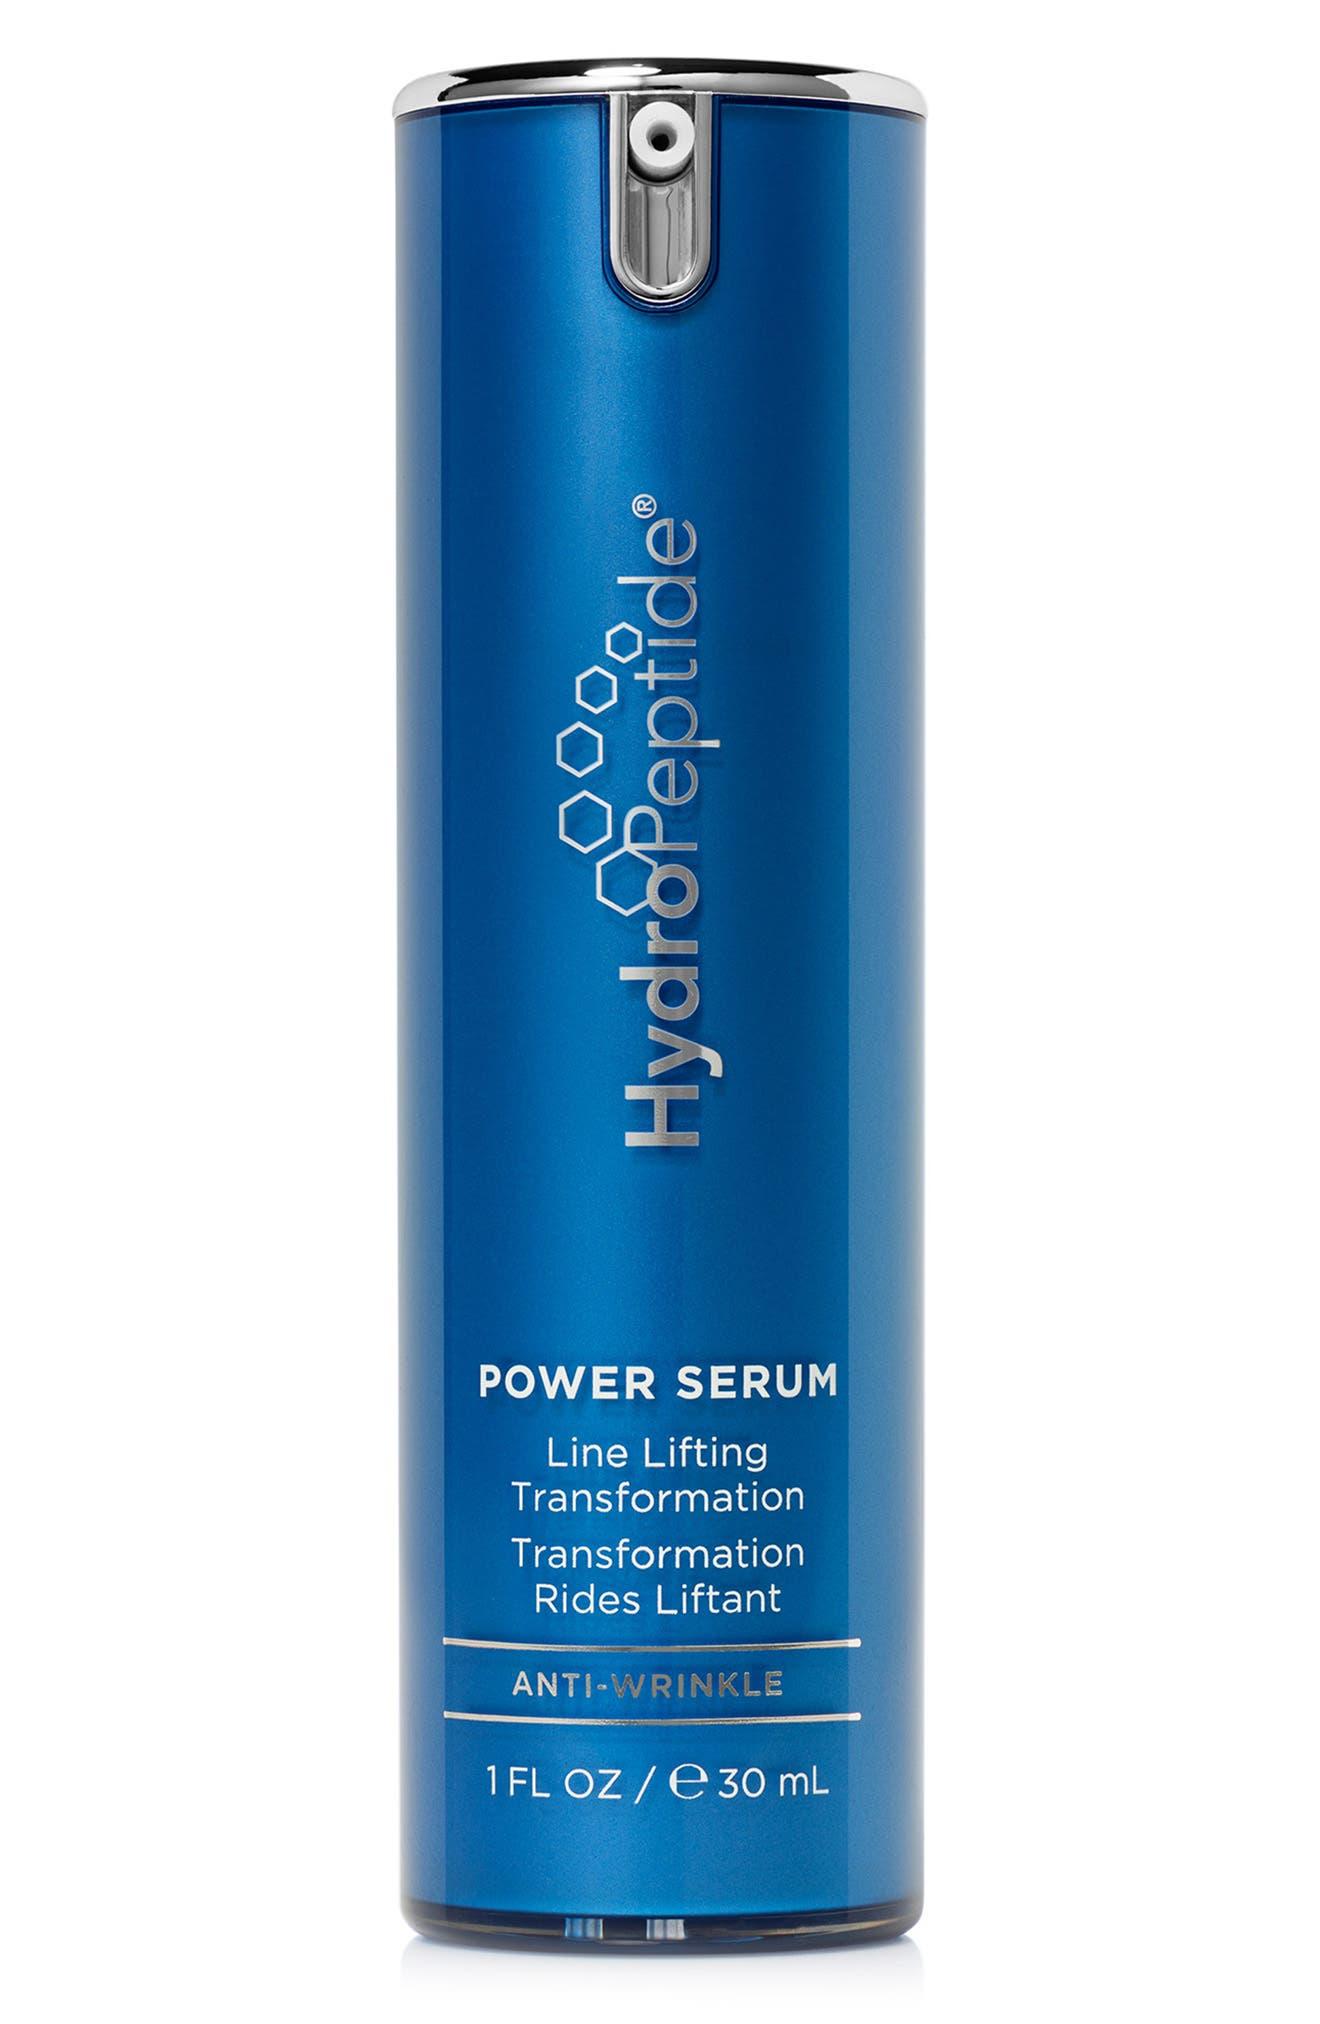 'Power Serum' Line Lifting Transformation